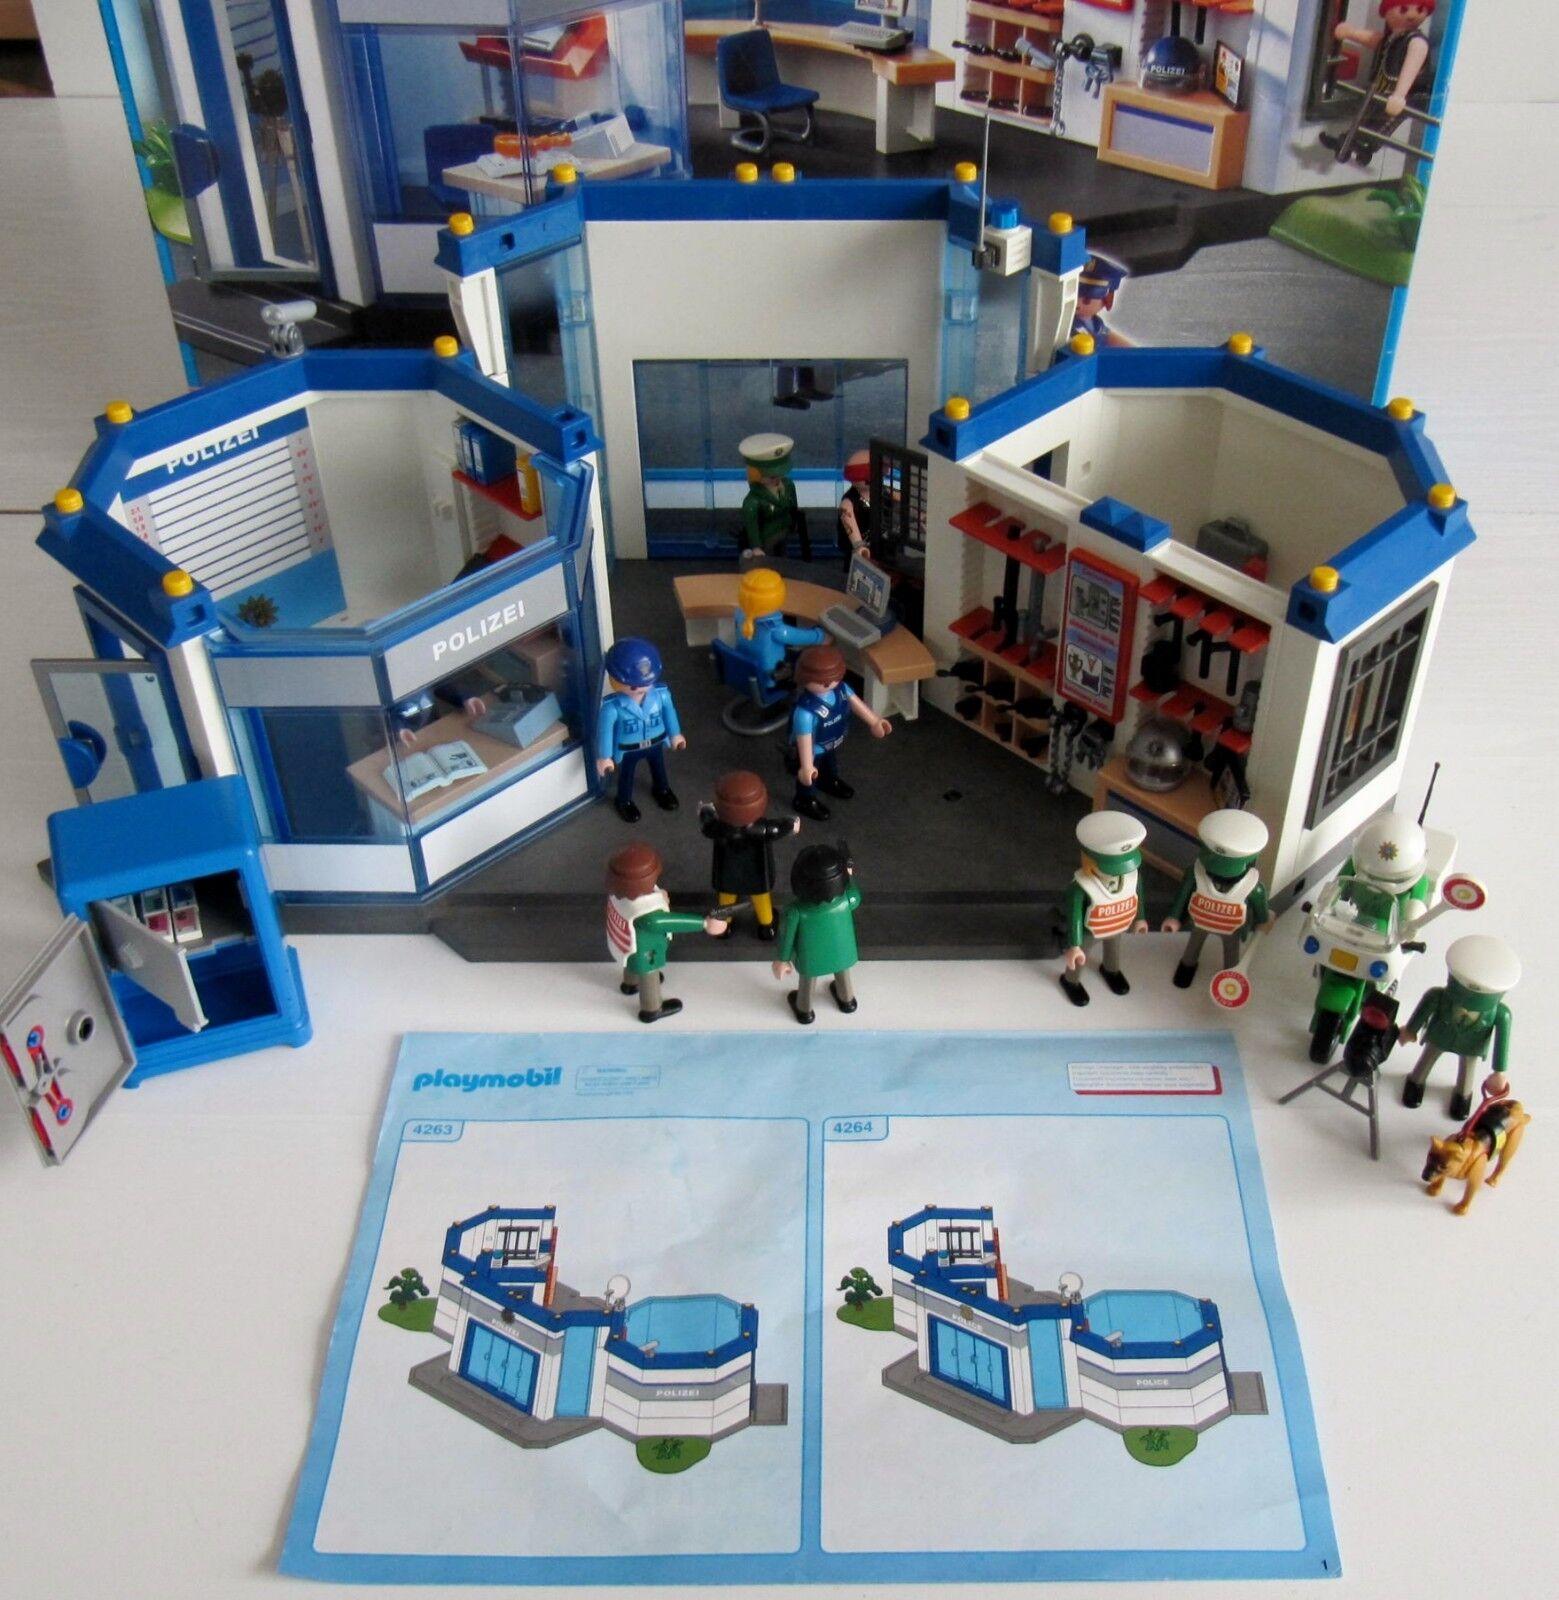 Großes Set  Playmobil Polizeistation 4263  Mit OVP und Bauanleitung  + EXTRAS